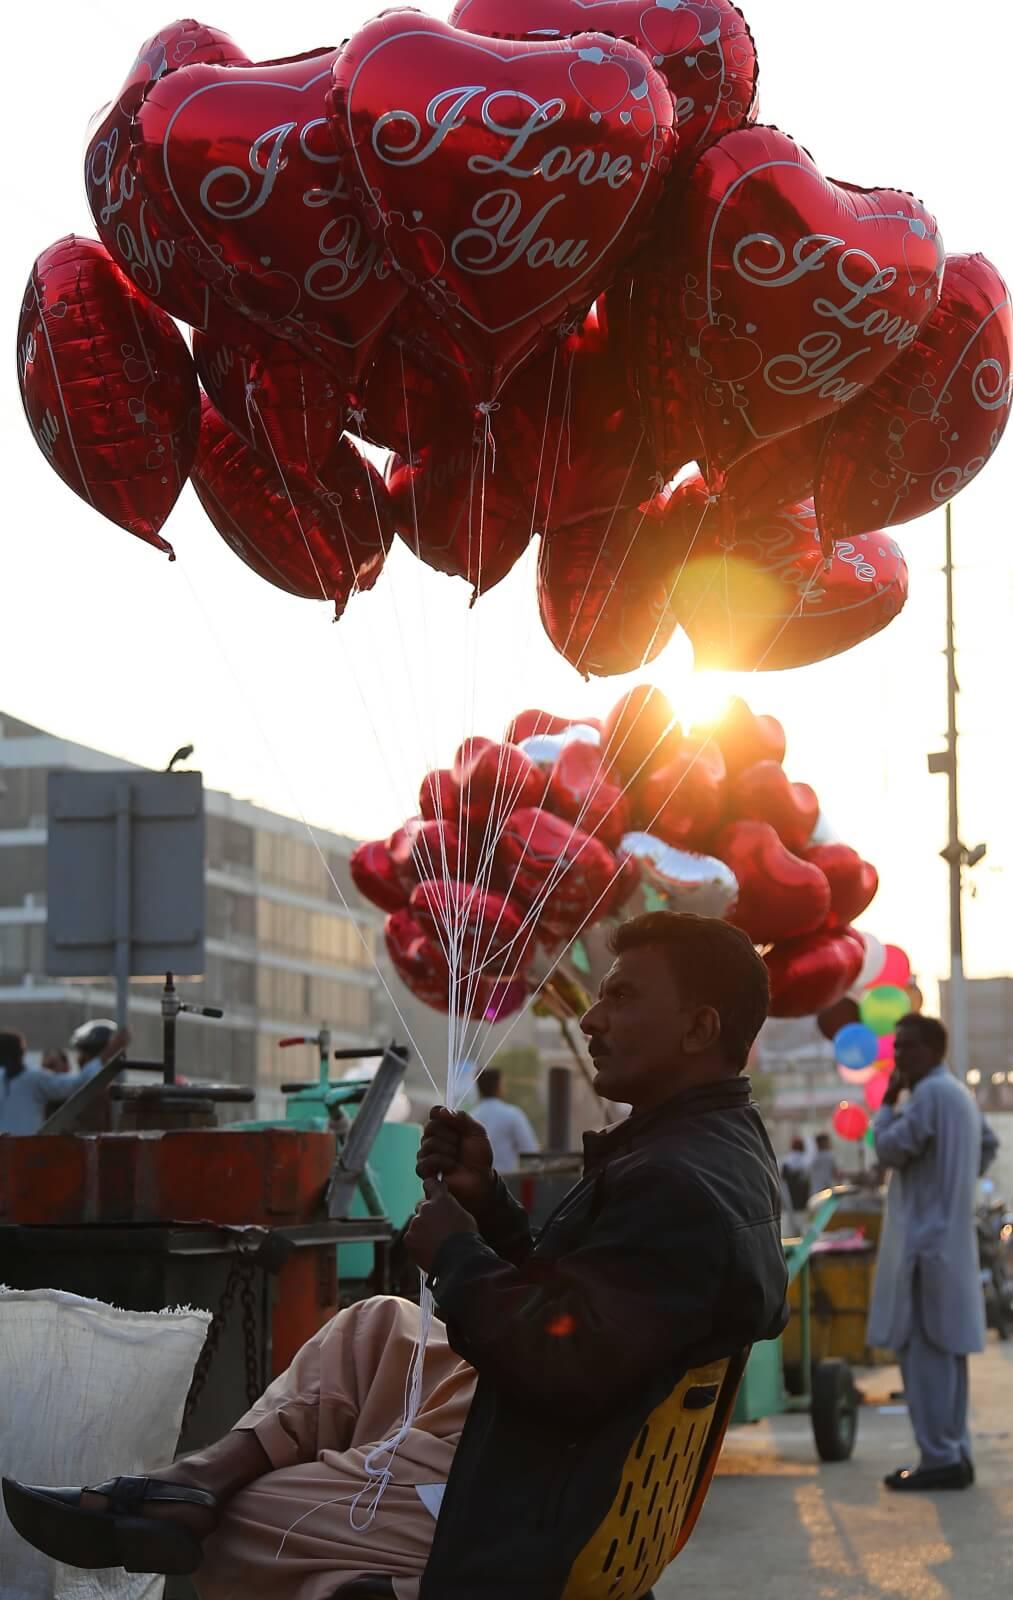 Portest anty-walentynowy w Pakistanie fot. EPA/SHAHZAIB AKBER